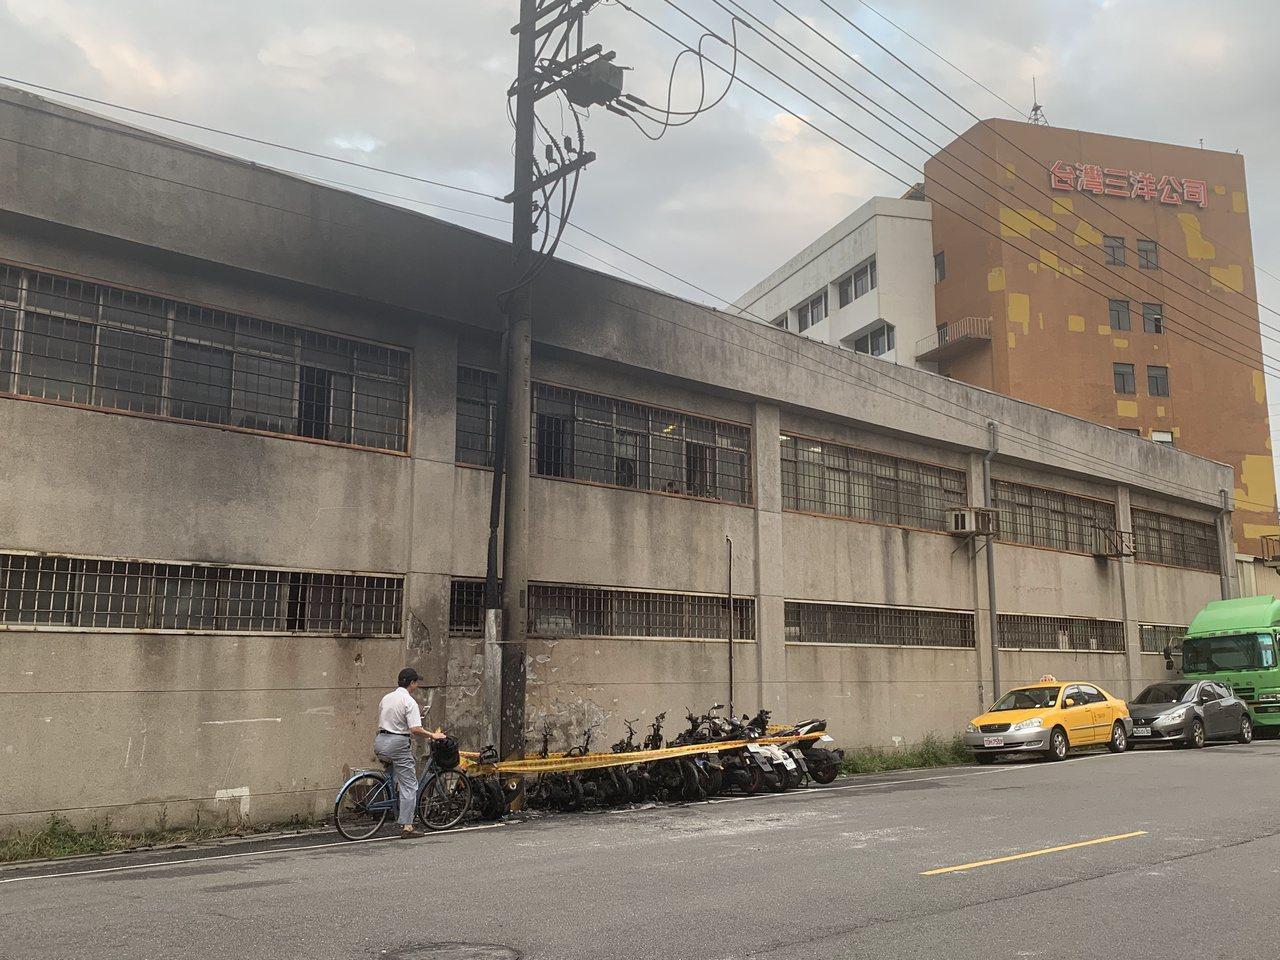 丹鳳捷運站旁火燒10機車,三洋廠房險被波及,所幸未造成人員傷亡。記者巫鴻瑋/攝影